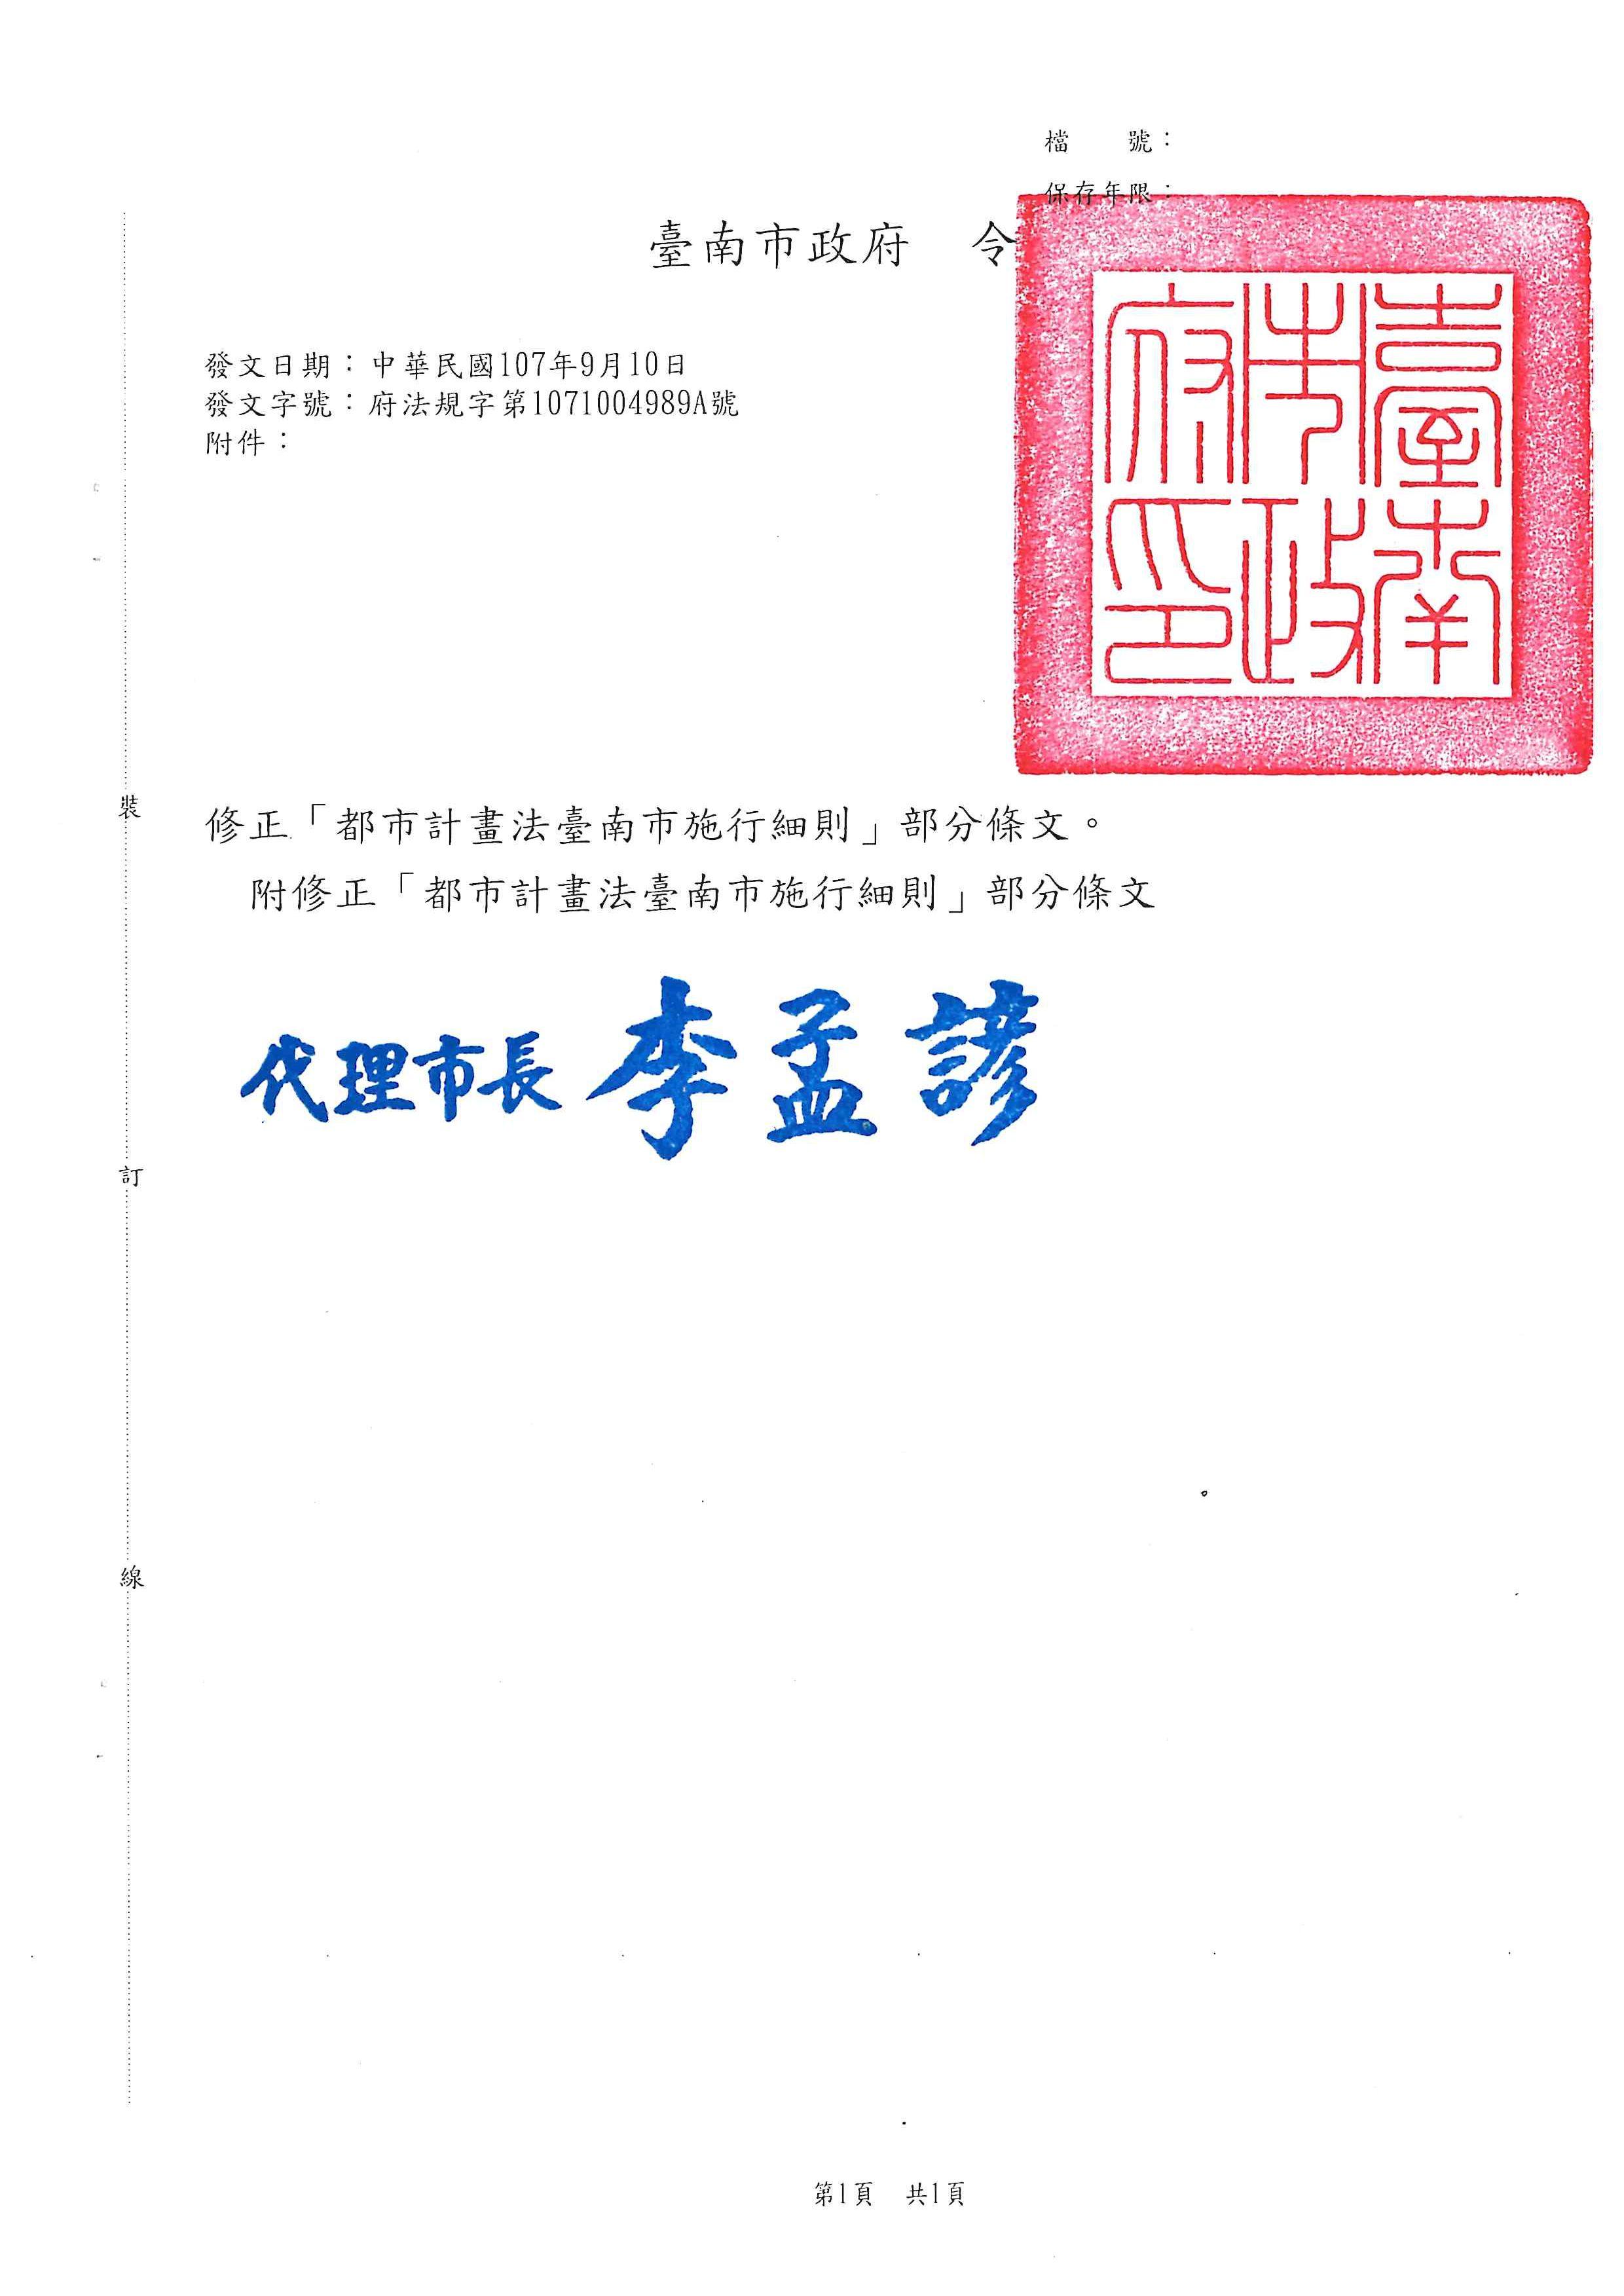 「都市計畫法臺南市施行細則部分修正條文」於107年9月10日府法規字第1071004989A號令發布 (1).jpg